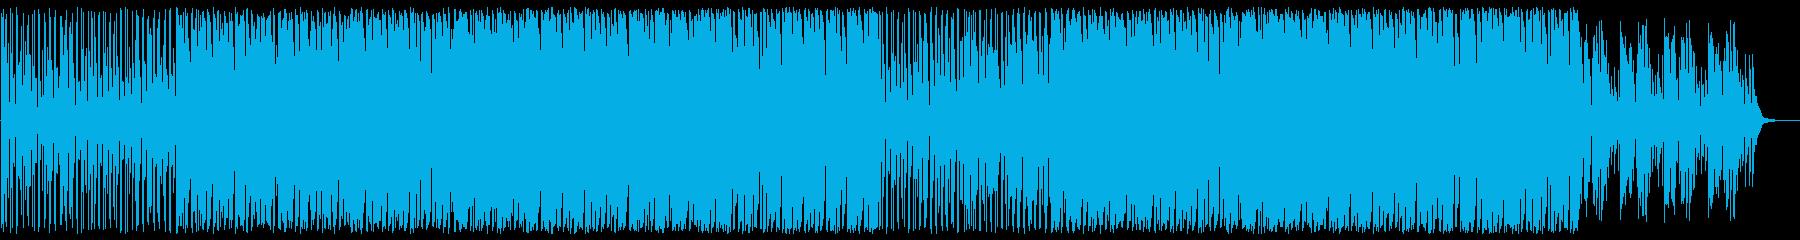 リラックスした雰囲気のボッサの再生済みの波形